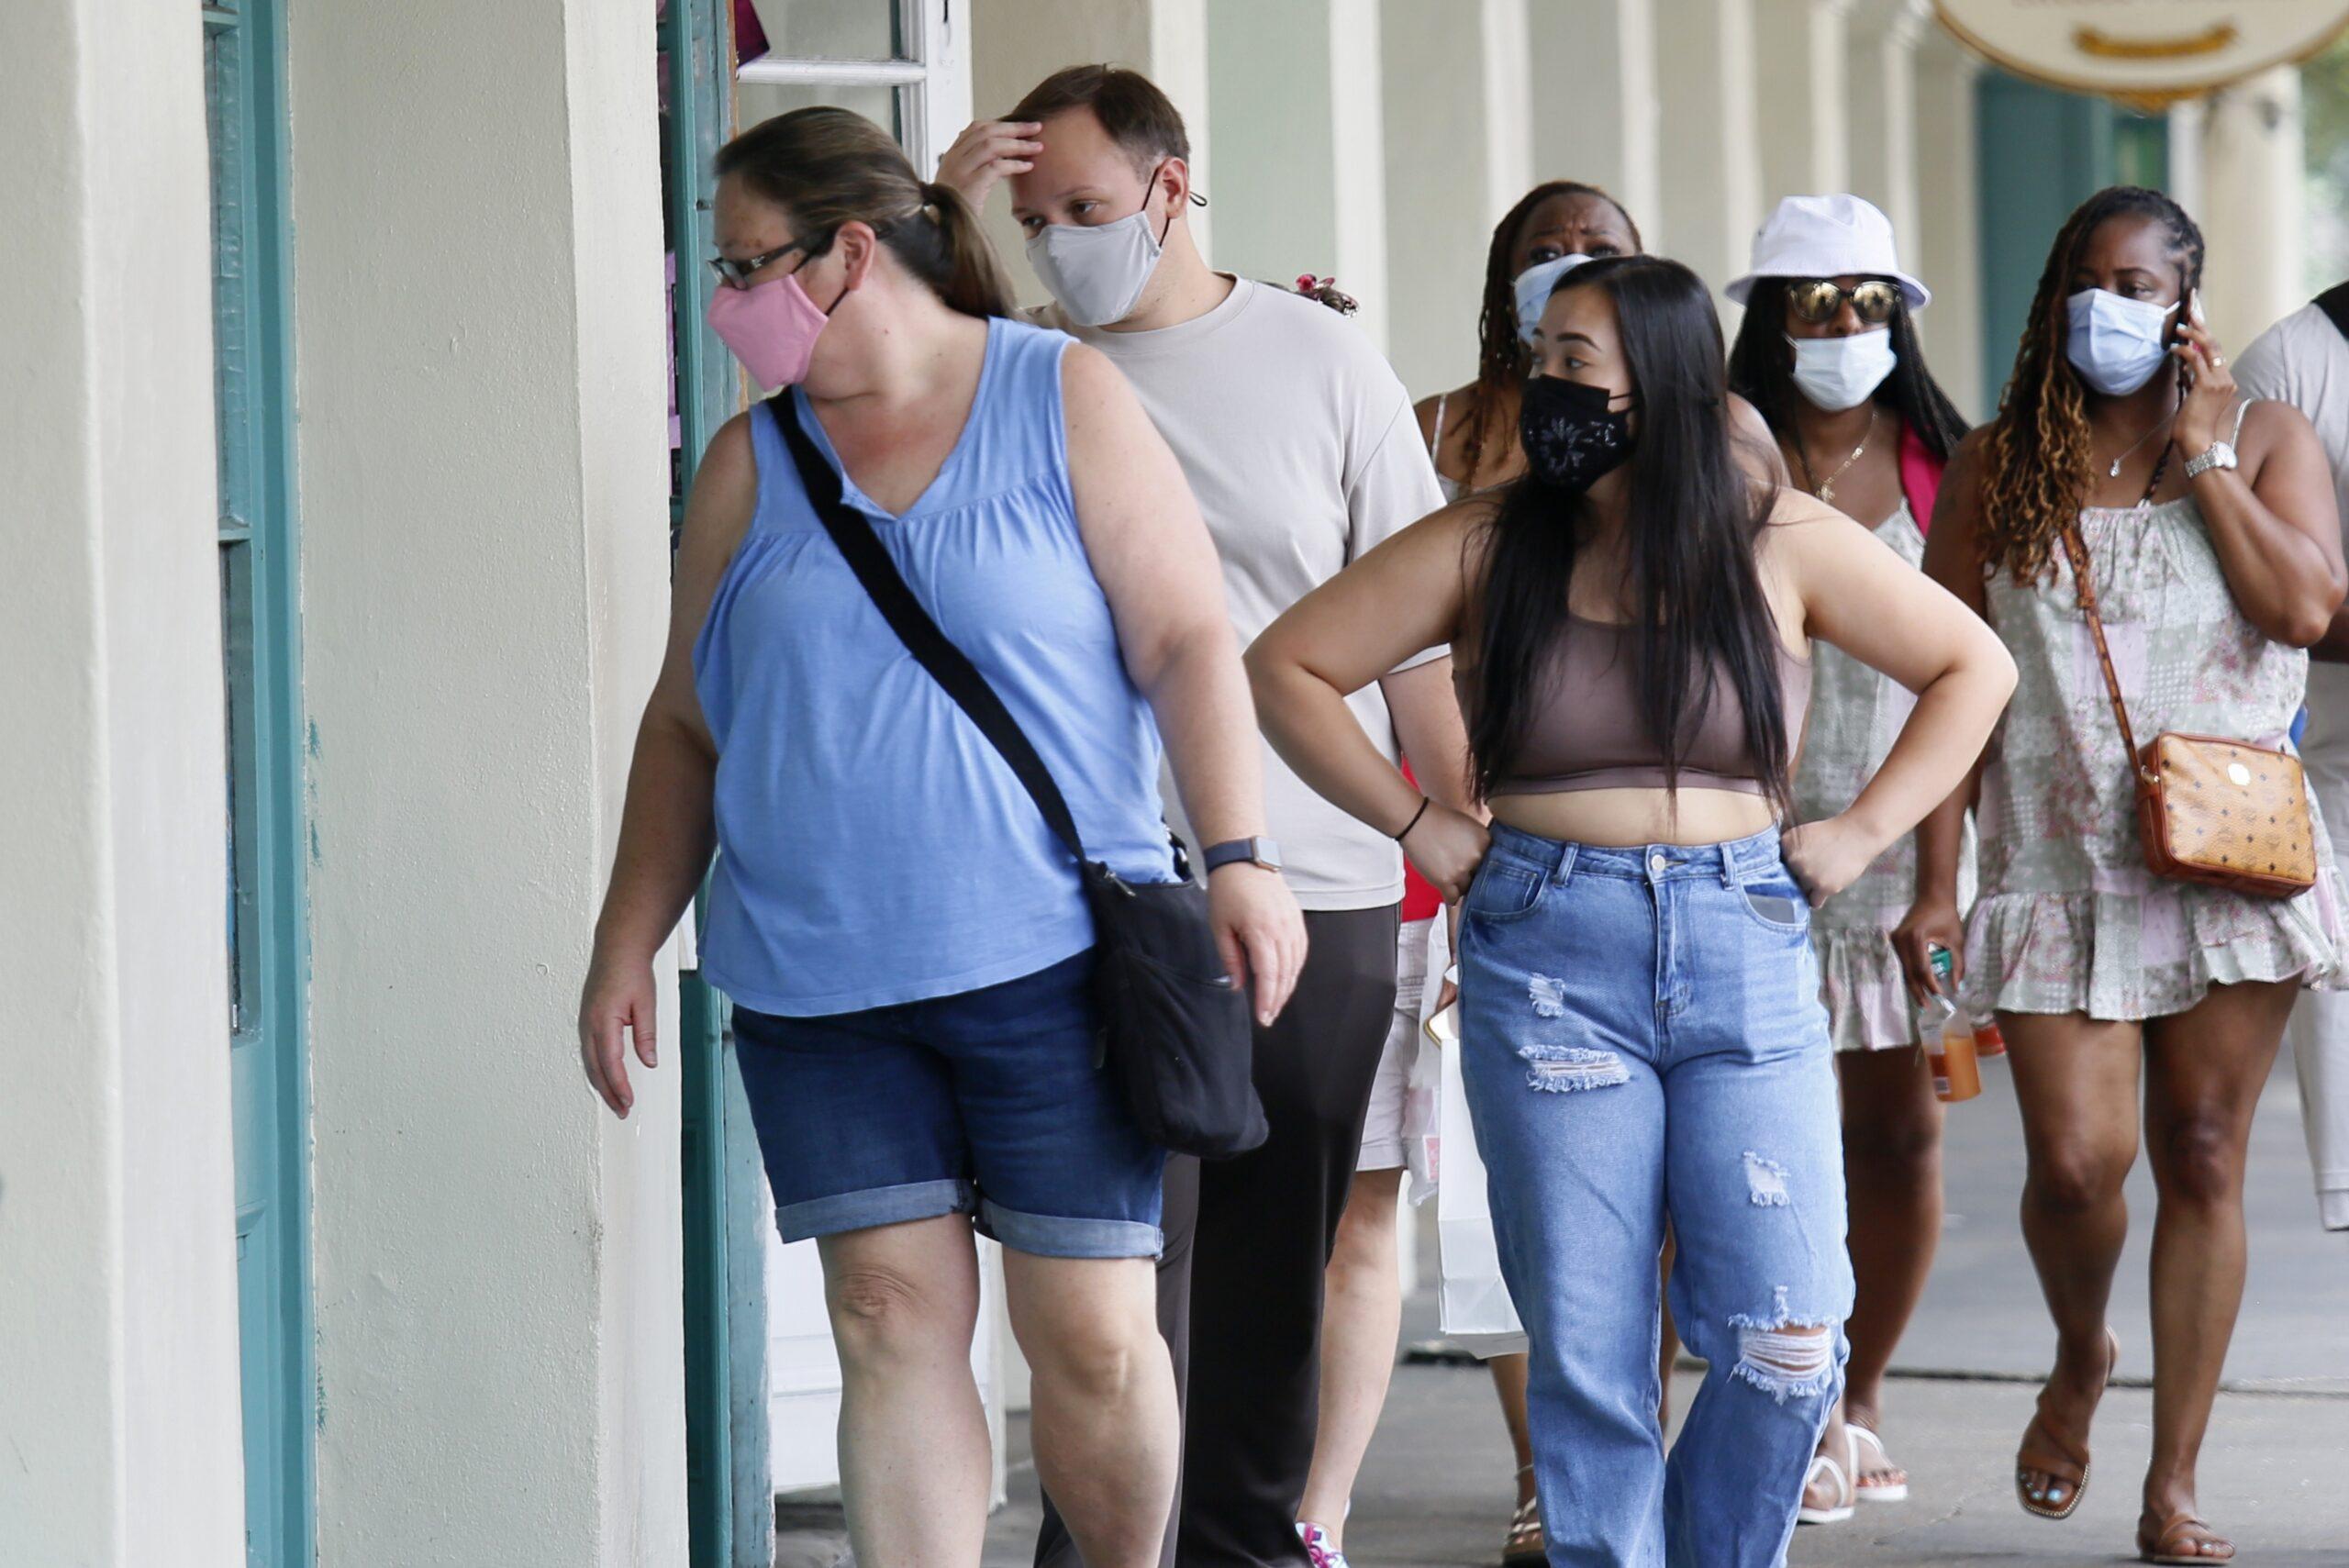 สื่อสหรัฐฯ กระตุ้นชาวอเมริกัน สวมหน้ากากอนามัย 'เพื่อประโยชน์ส่วนรวม'